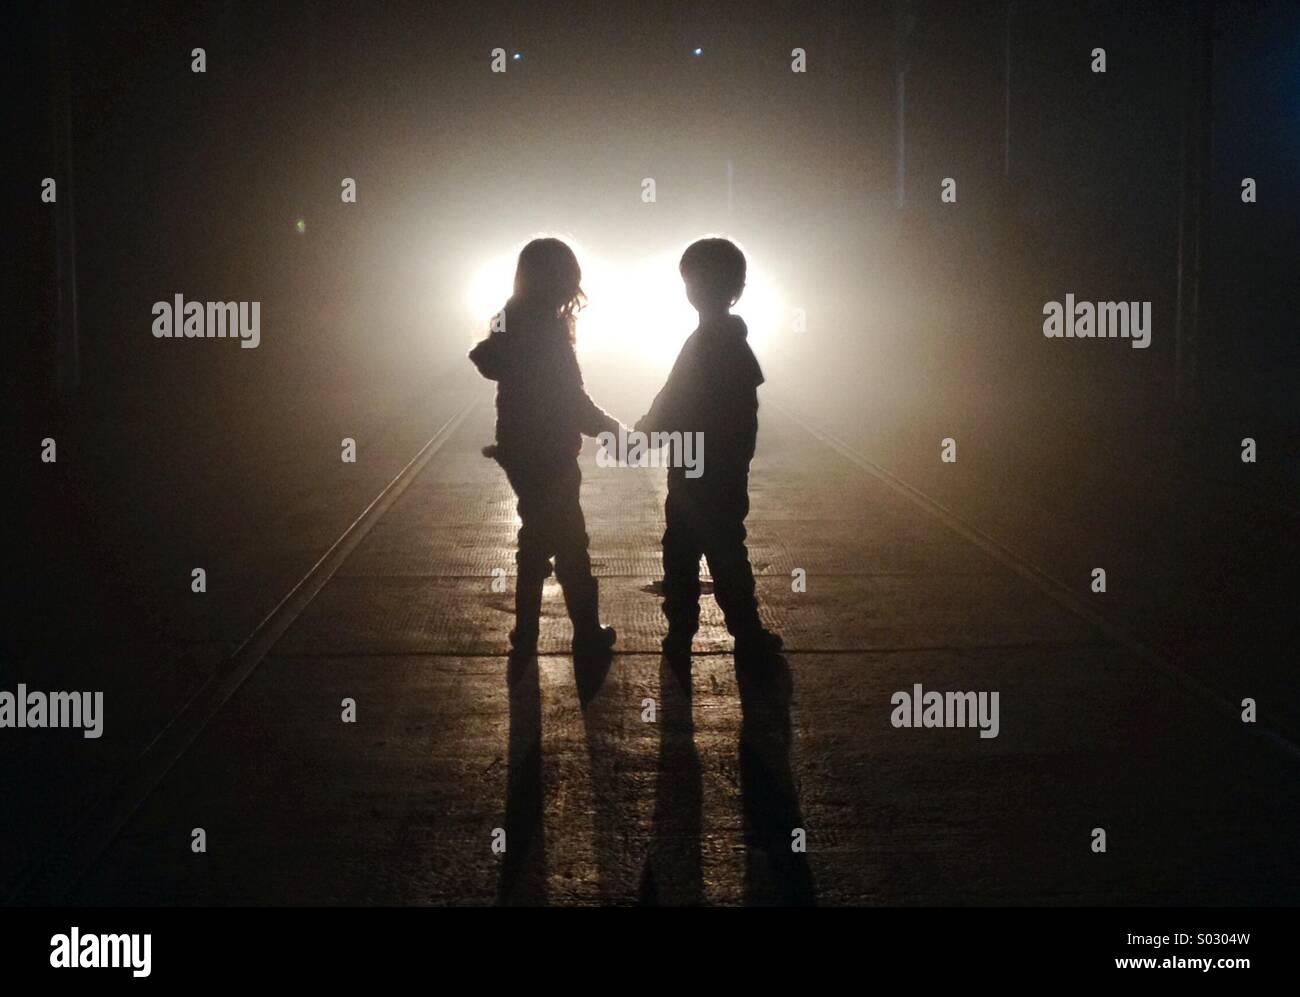 Un joven muchacho y muchacha mantenga las manos, siluetas contra una luz brillante. Imagen De Stock